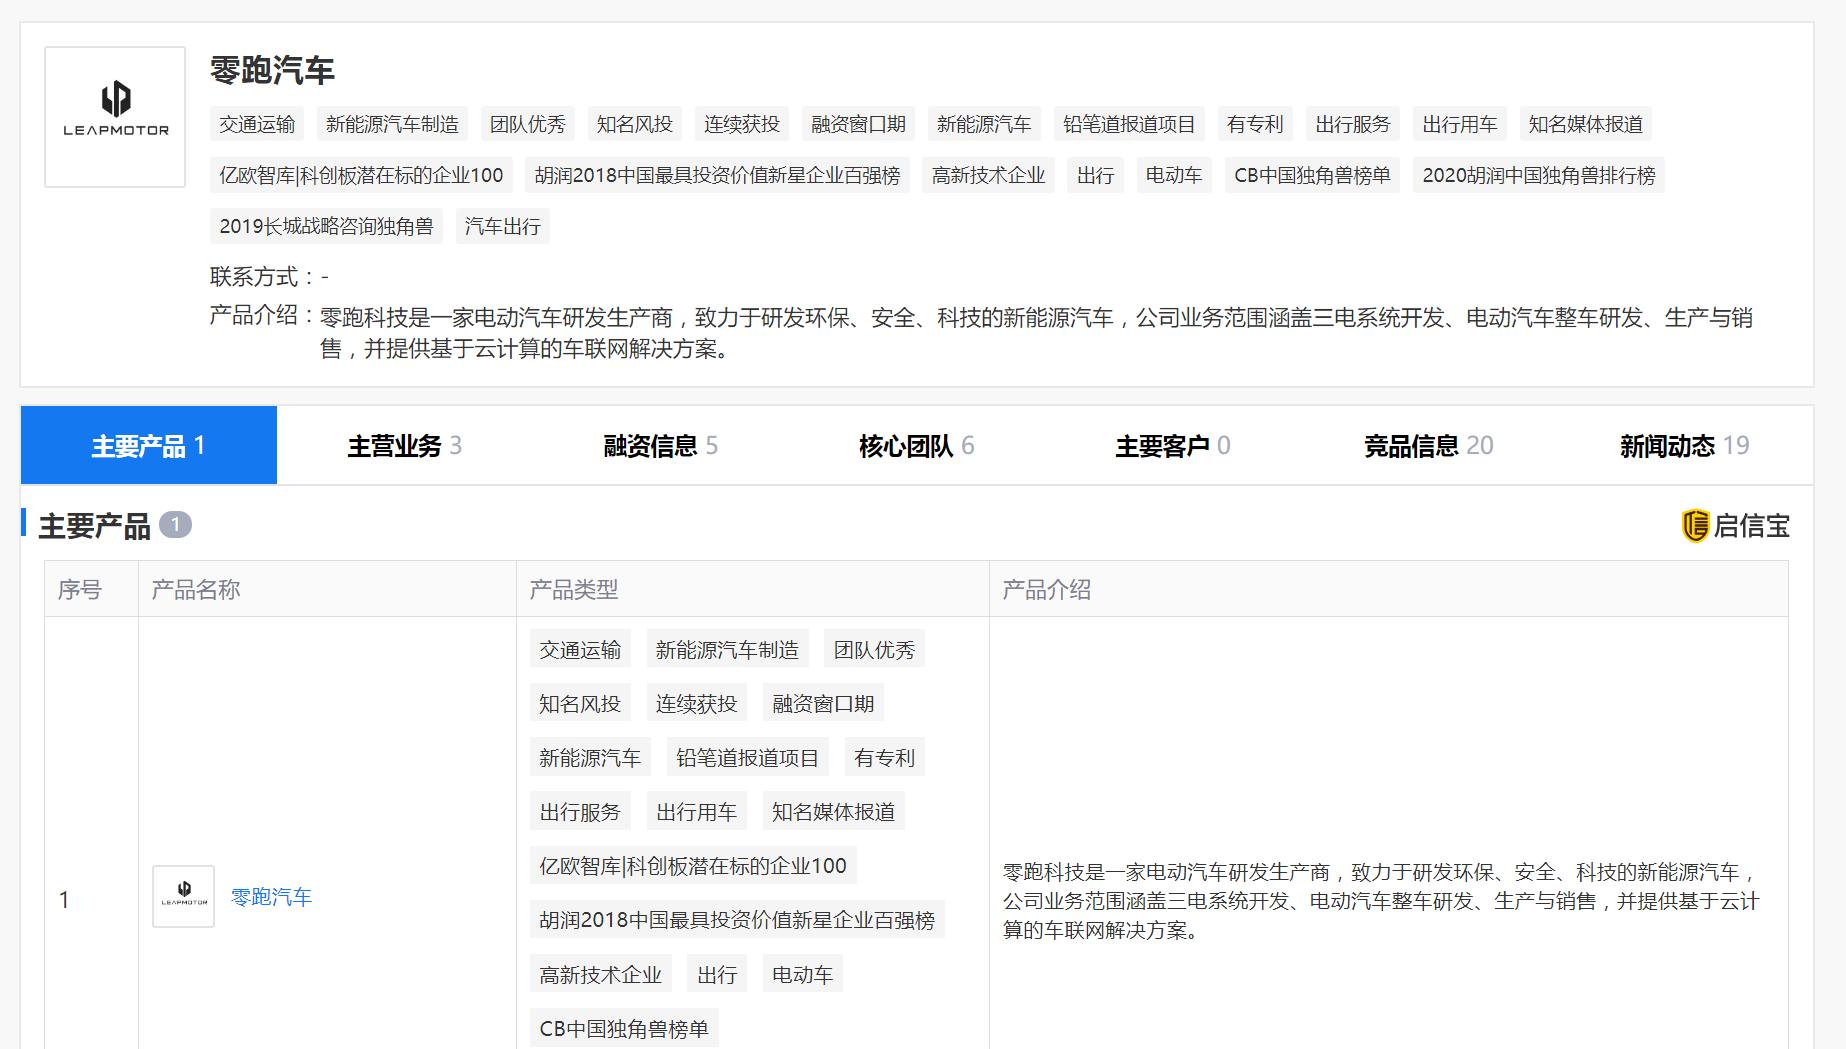 中国最牛风投再出手,20亿投资零跑,合肥葫芦里卖了什么药?